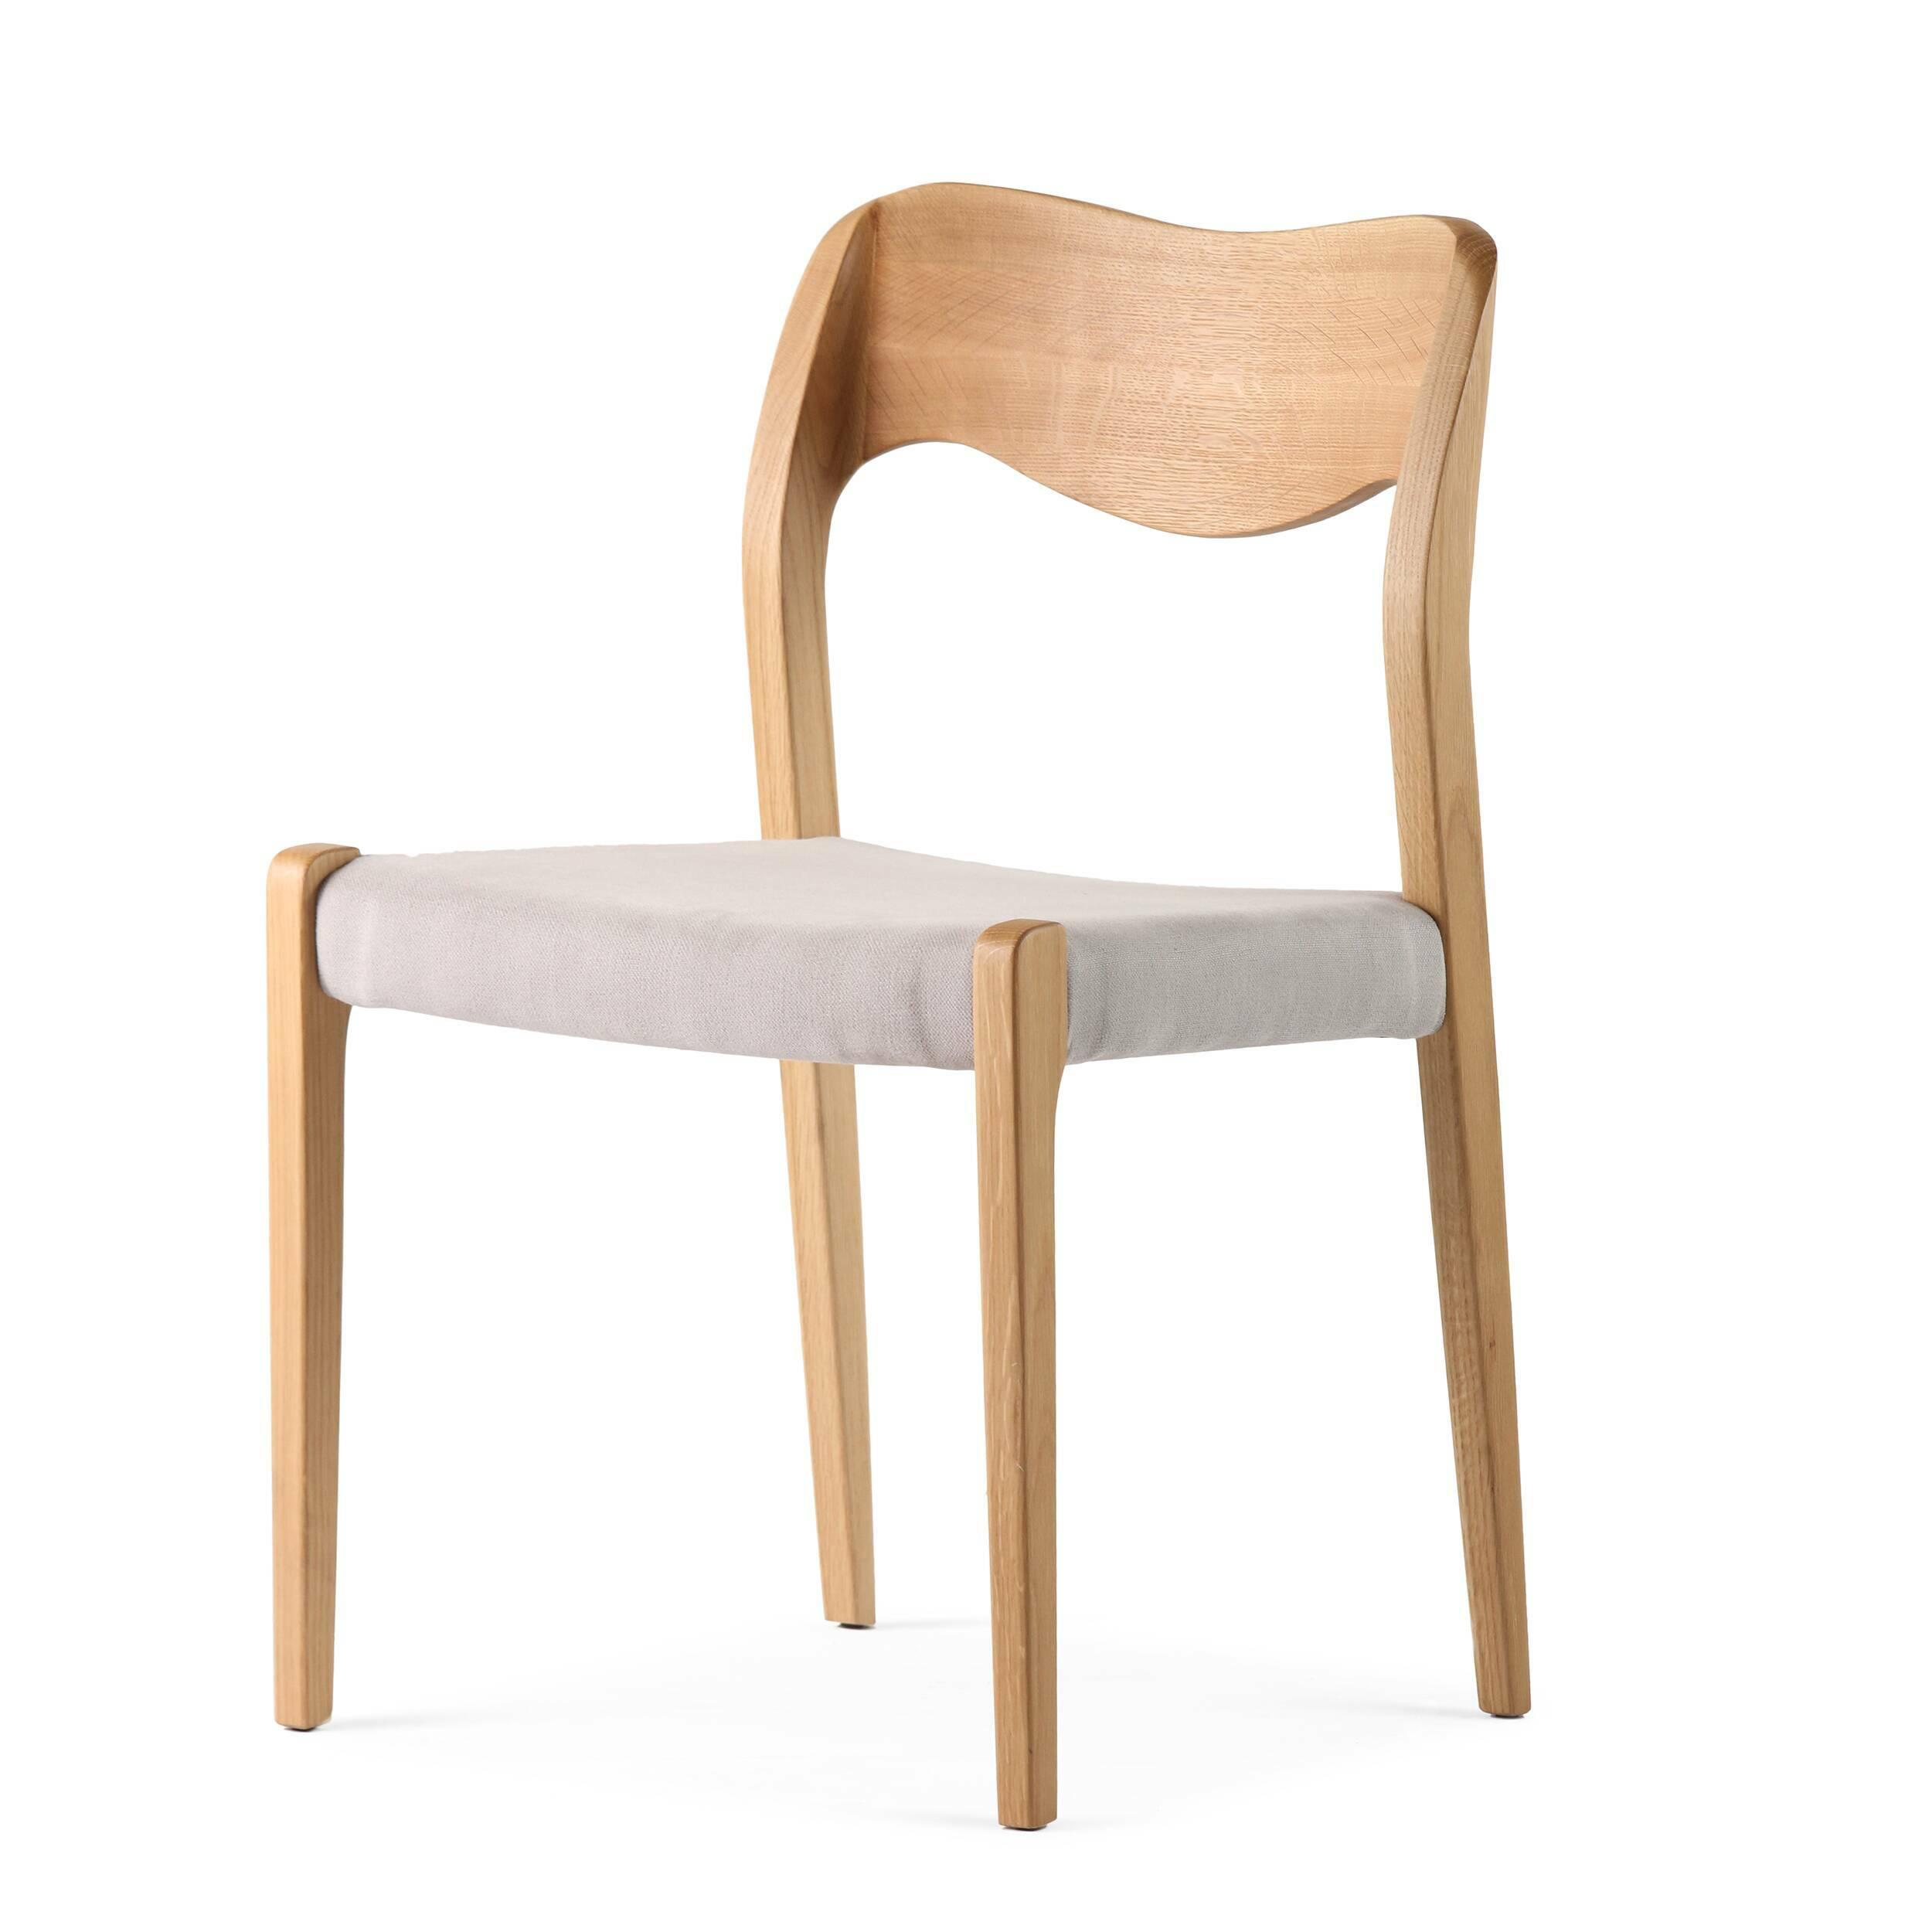 Стул WideИнтерьерные<br>Дизайнерский стул Wide (Уайд) с каркасом из дерева от Cosmo (Космо).<br> Стул Wide вполне претендует на звание эталонного, в нем есть все, что нужно идеальному предмету интерьера. Лаконичный дизайн, плавные линии, четкая геометрия — такой стул легко впишется в любой интерьер, каким бы авангардным он ни был. Ну а для пространств, оформленных в стиле скандинавского минимализма, оригинальный стул Wide просто незаменим.<br><br><br> Кожаная обивка сиденья не только повышает комфорт, но и придает лоск — т...<br><br>stock: 1<br>Высота: 78,5<br>Ширина: 50<br>Глубина: 50,5<br>Материал каркаса: Массив дуба<br>Тип материала каркаса: Дерево<br>Материал сидения: Хлопок, Лен<br>Цвет сидения: Светло-серый<br>Тип материала сидения: Ткань<br>Коллекция ткани: Ray Fabric<br>Цвет каркаса: Белый дуб